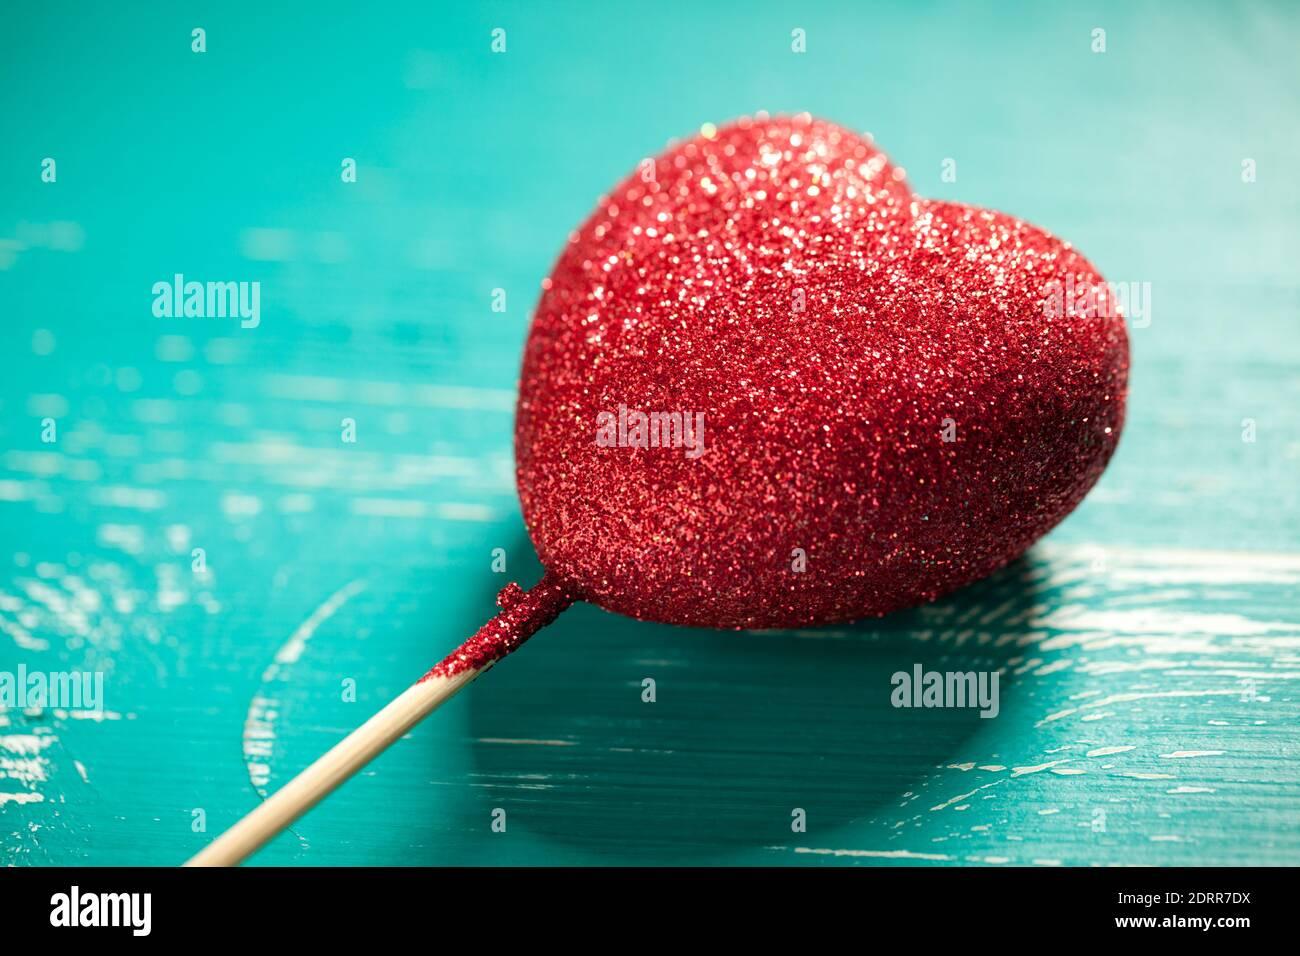 Gros plan sur une table turquoise à motif coeur scintillant. Ce fichier est nettoyé et retouché. Banque D'Images